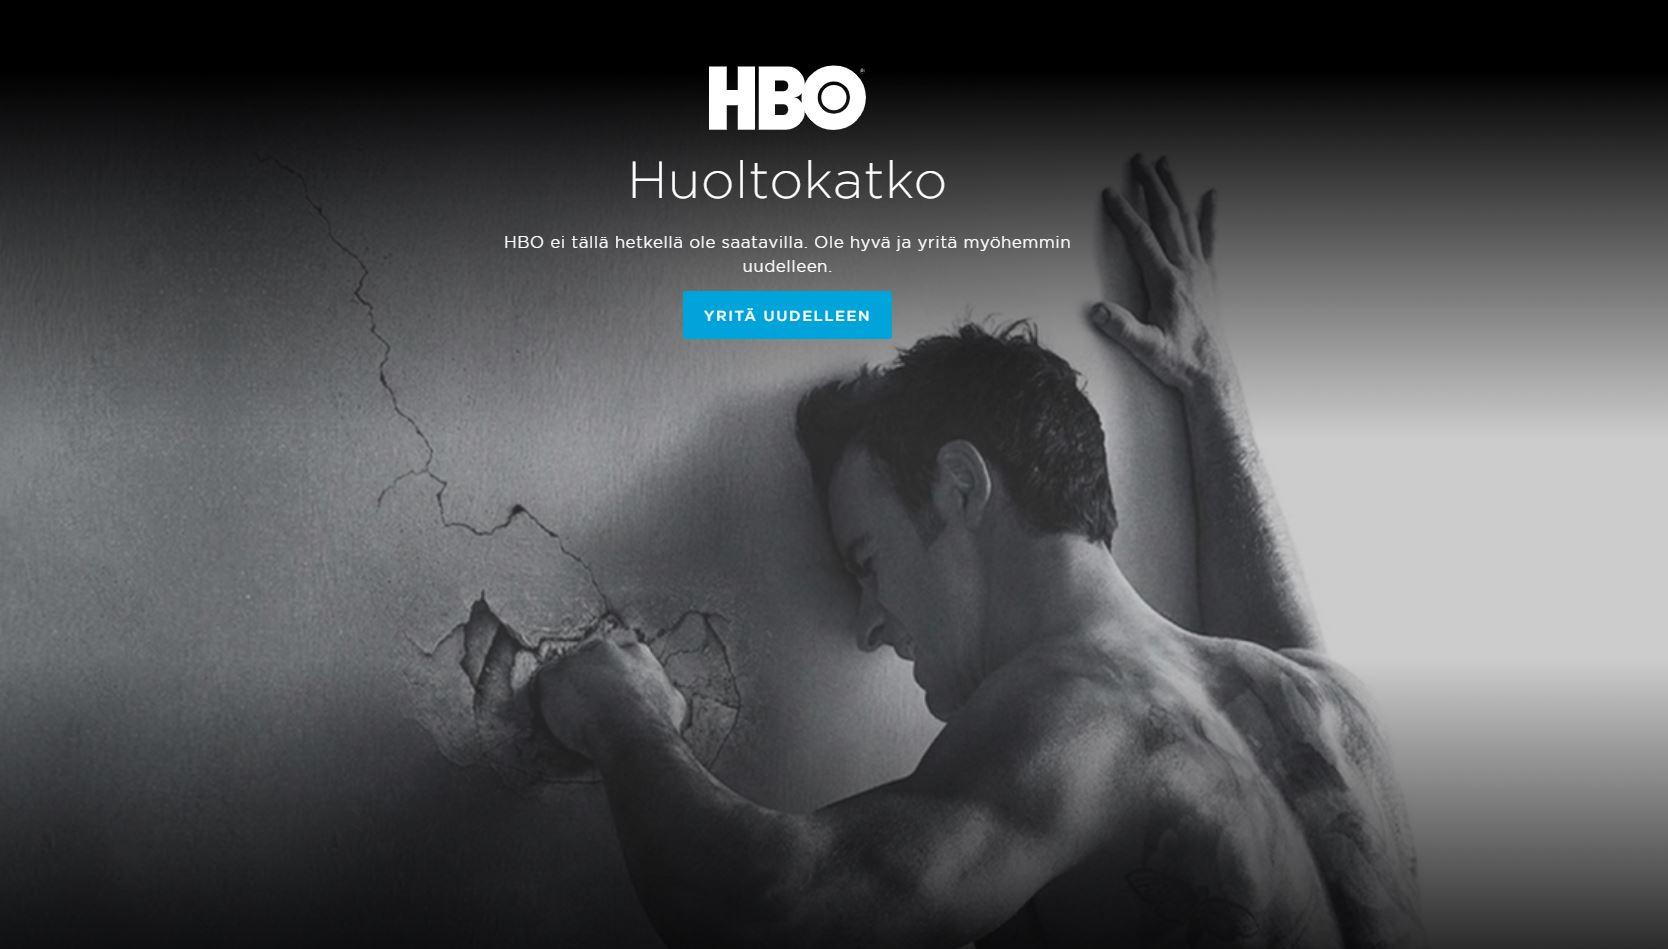 Hbo Huoltokatko